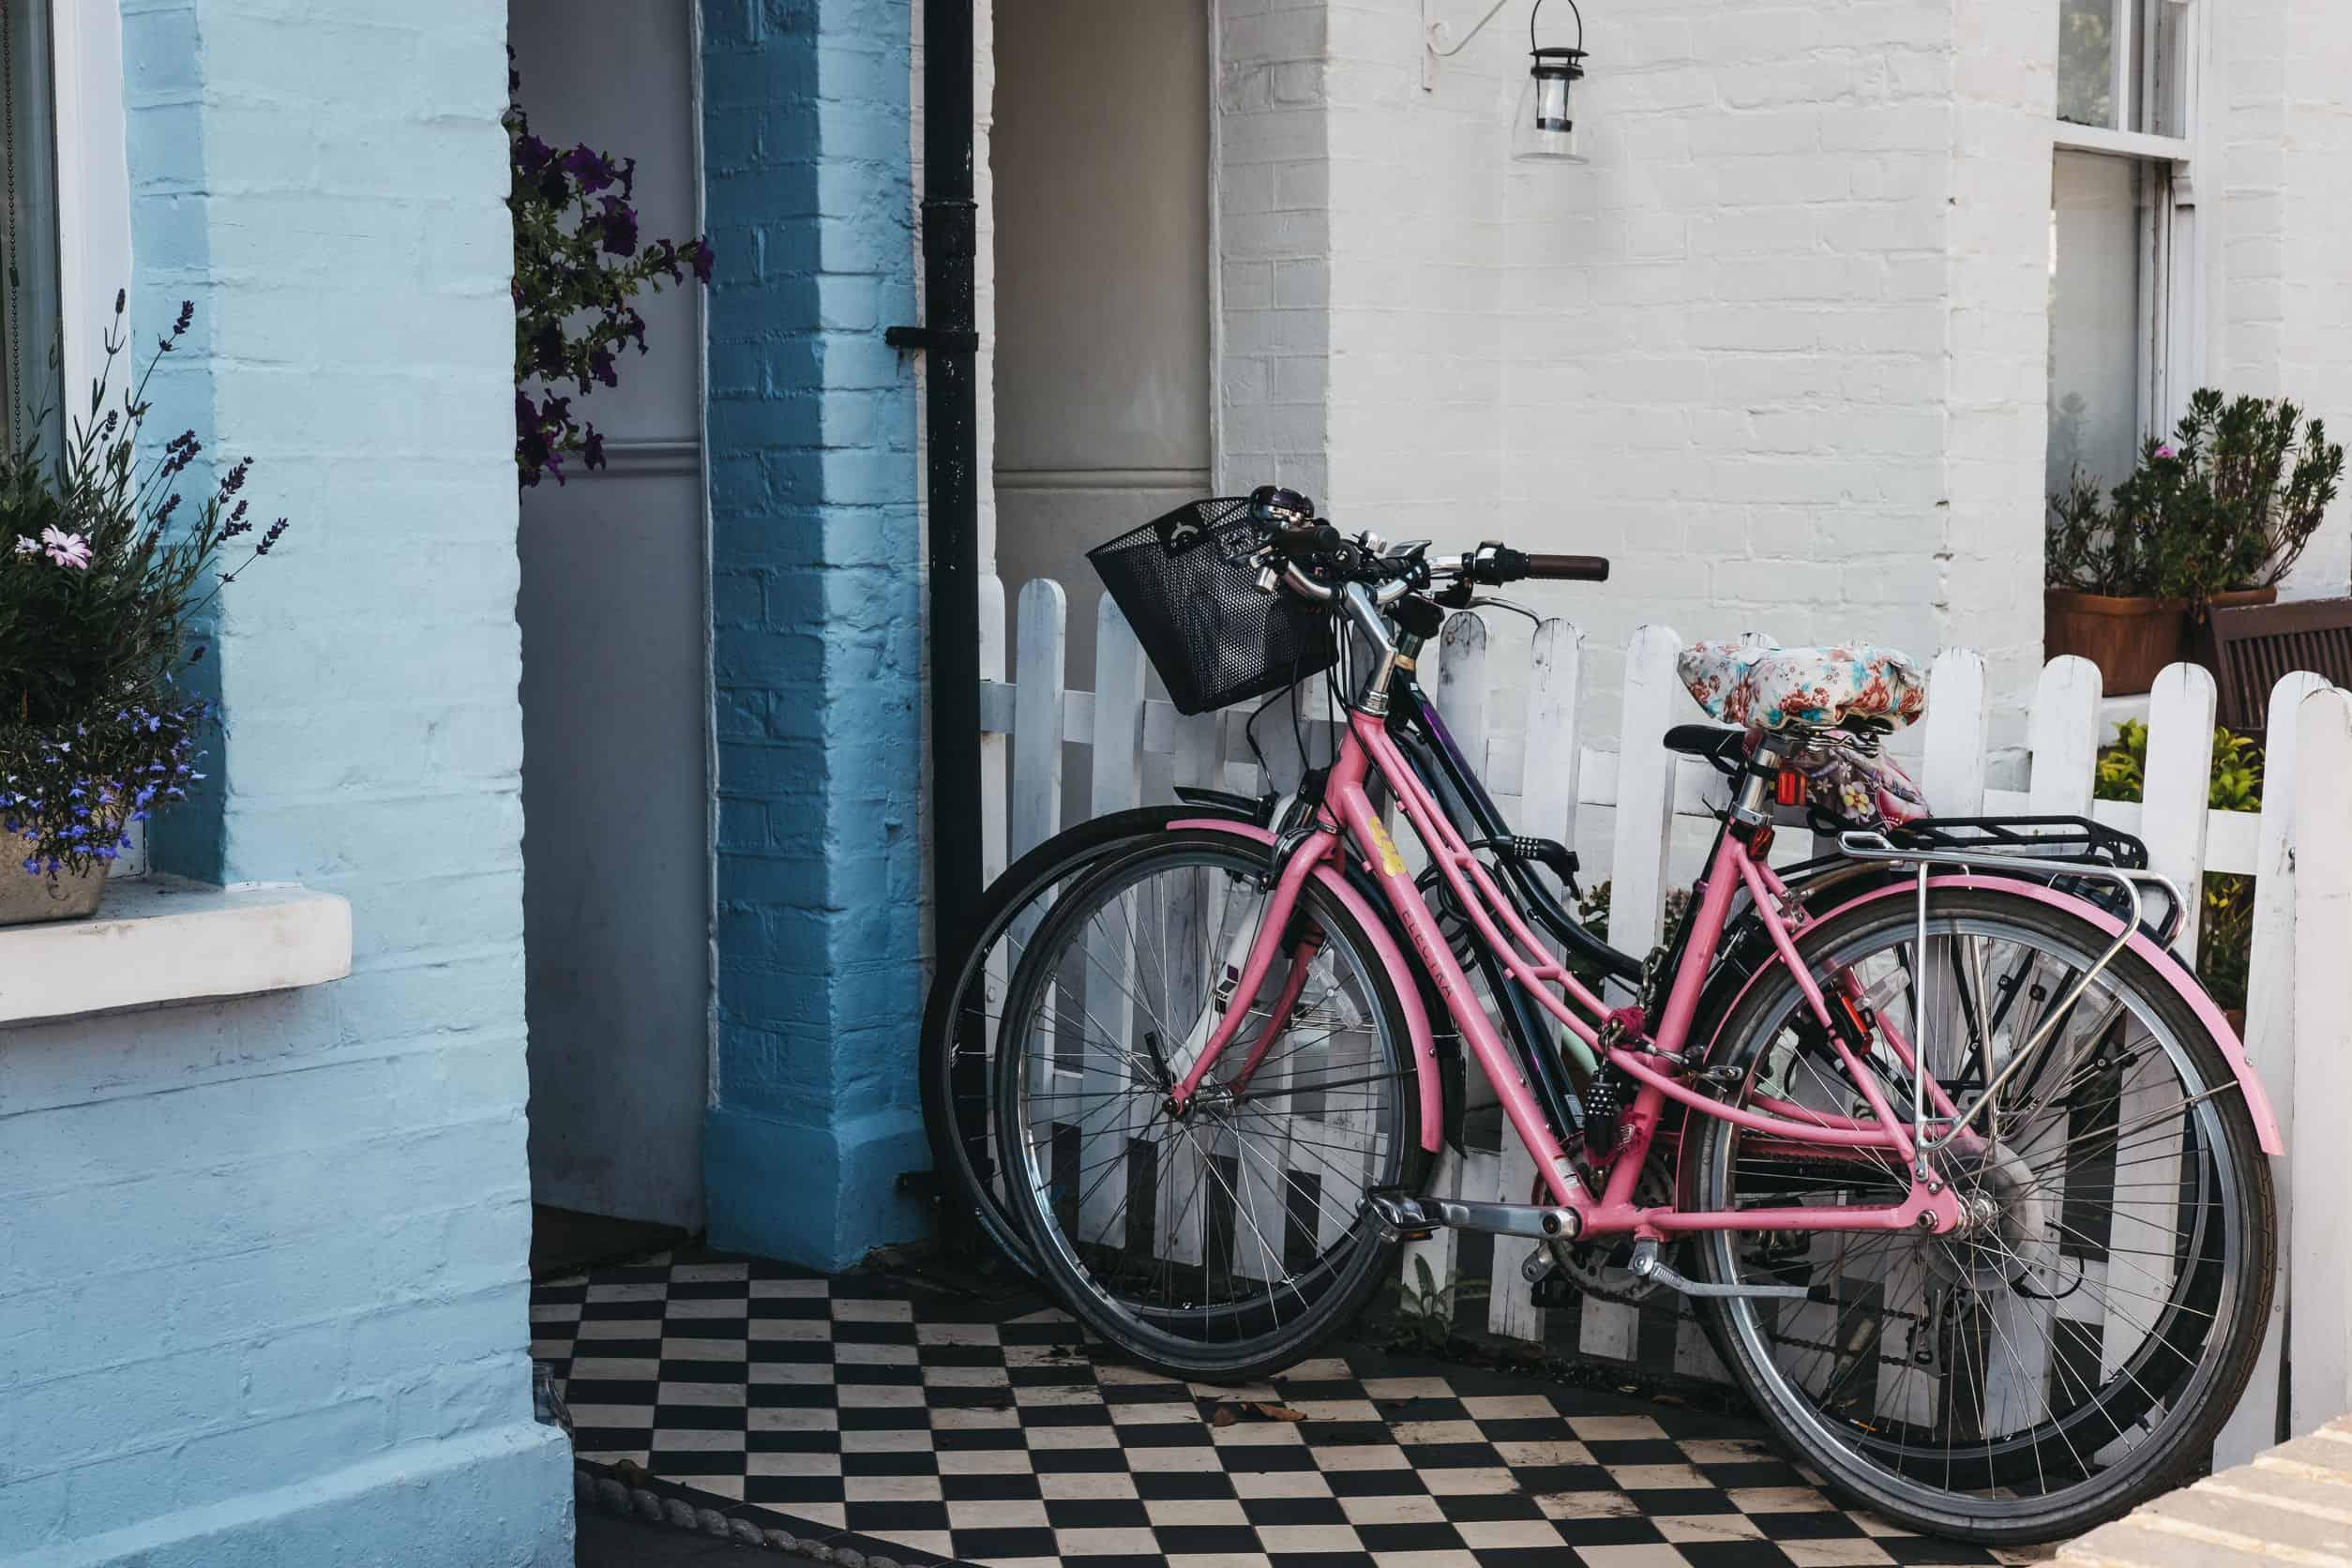 Fahrradsattelbezug: Test & Empfehlungen (02/20)